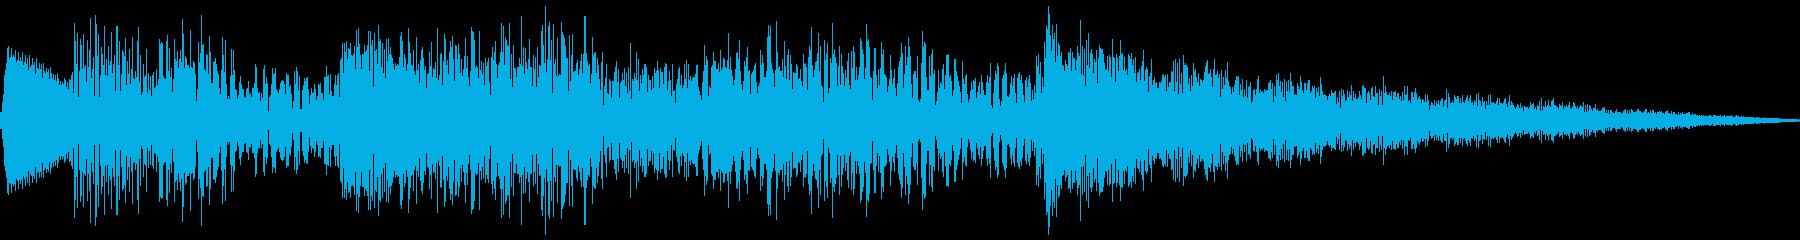 タンブリングノートロゴの再生済みの波形